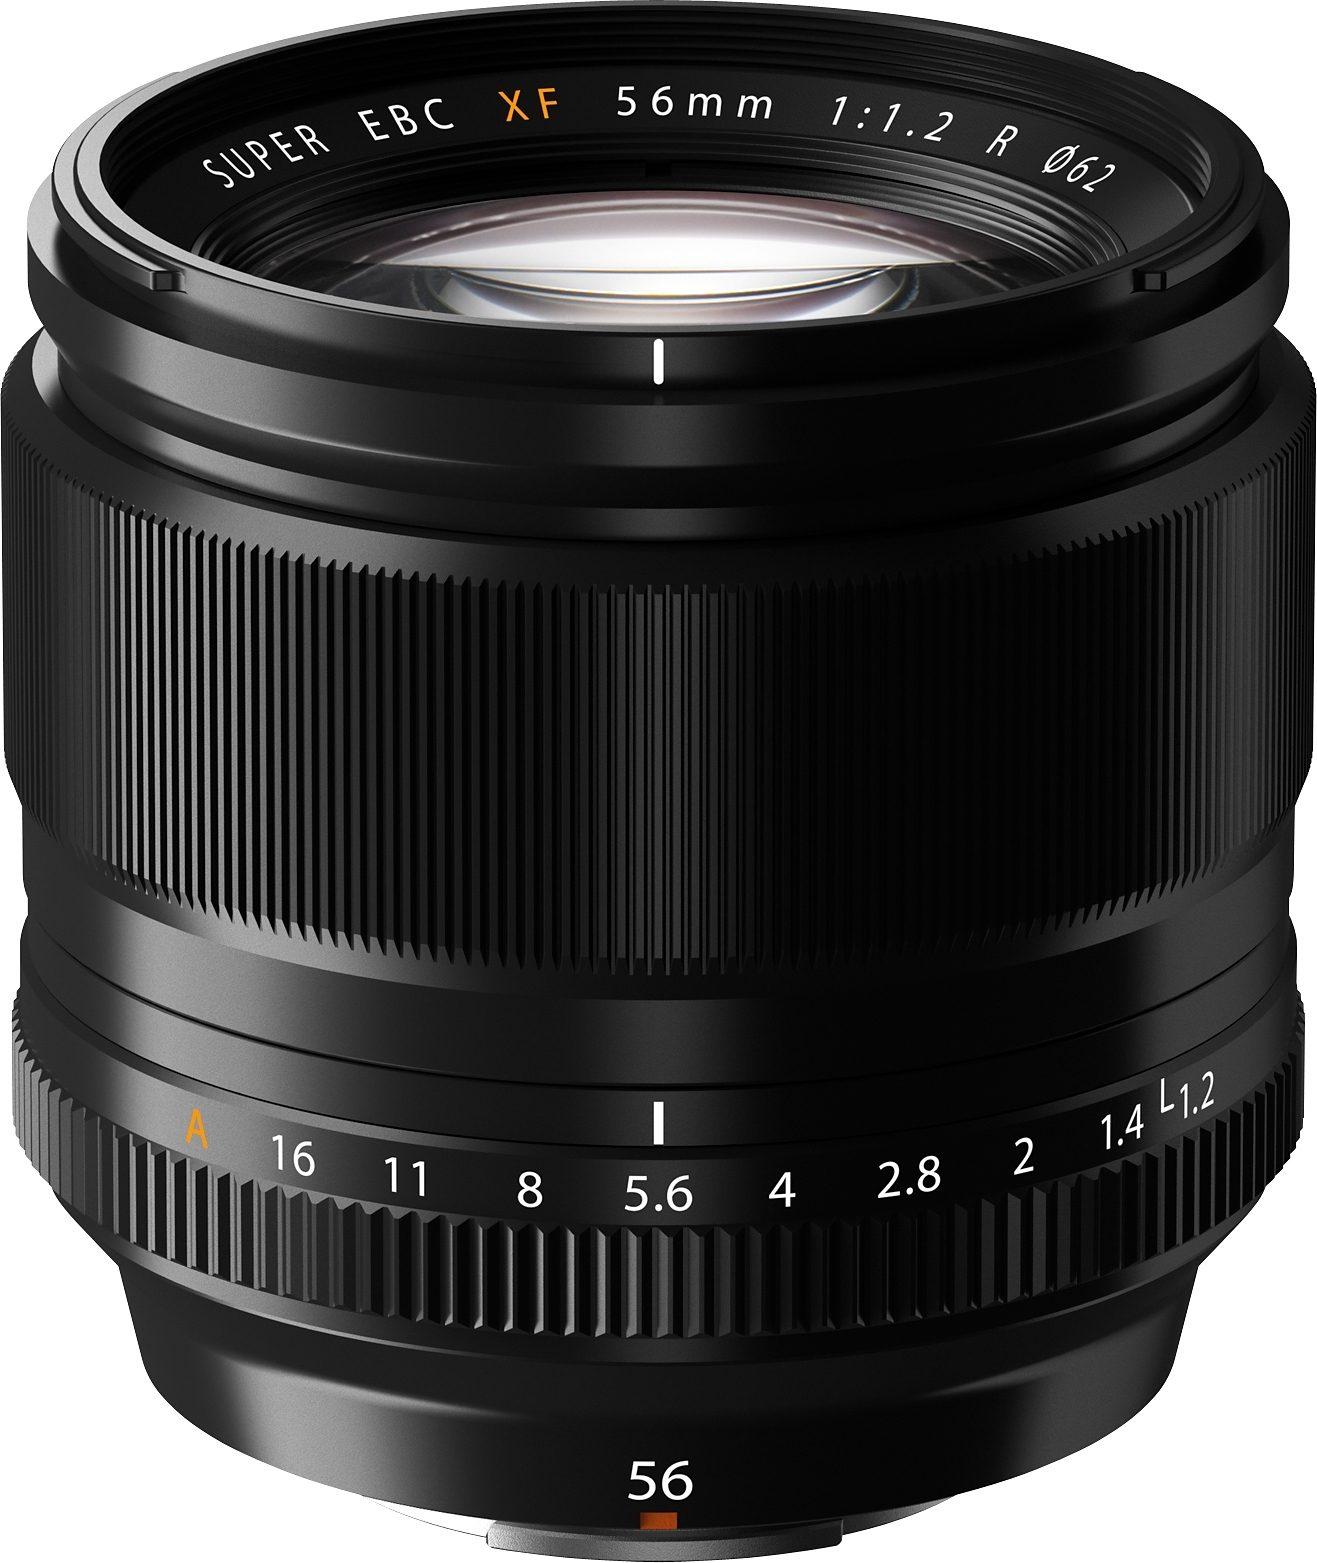 FUJIFILM FUJINON XF56mm F1.2 R Festbrennweite Objektiv